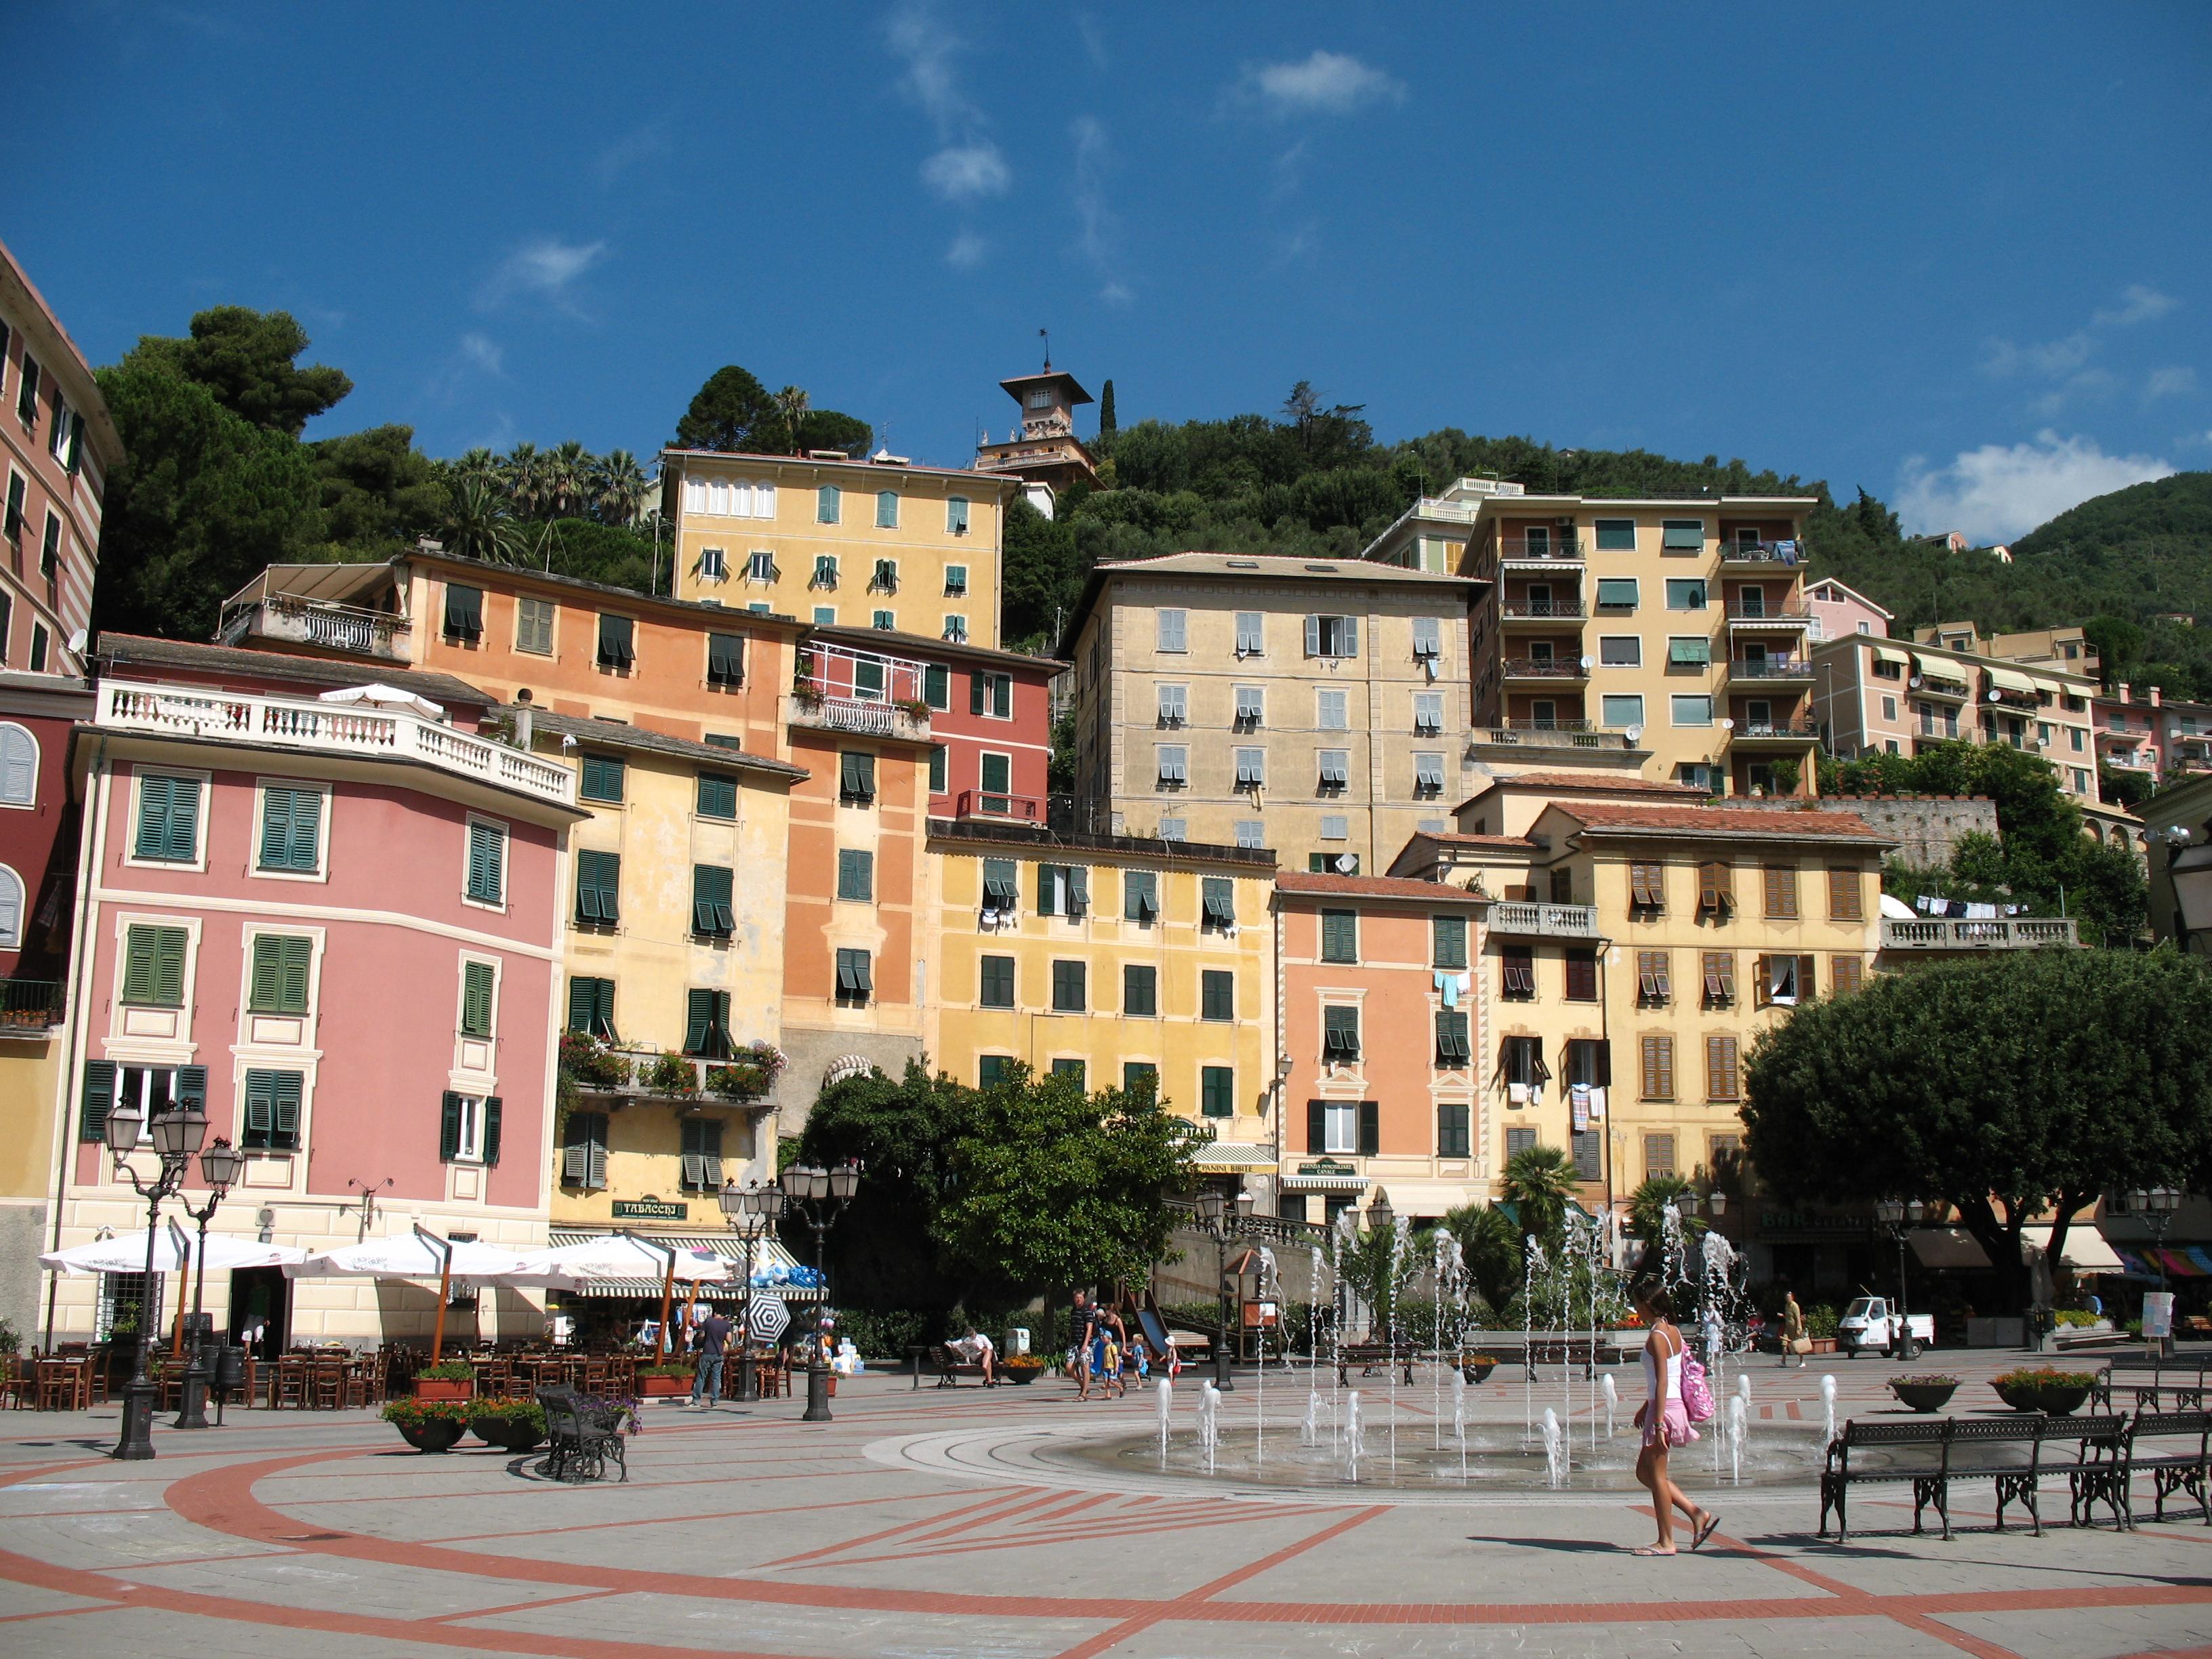 Zoagli Italy  city images : Opiniones de Zoagli